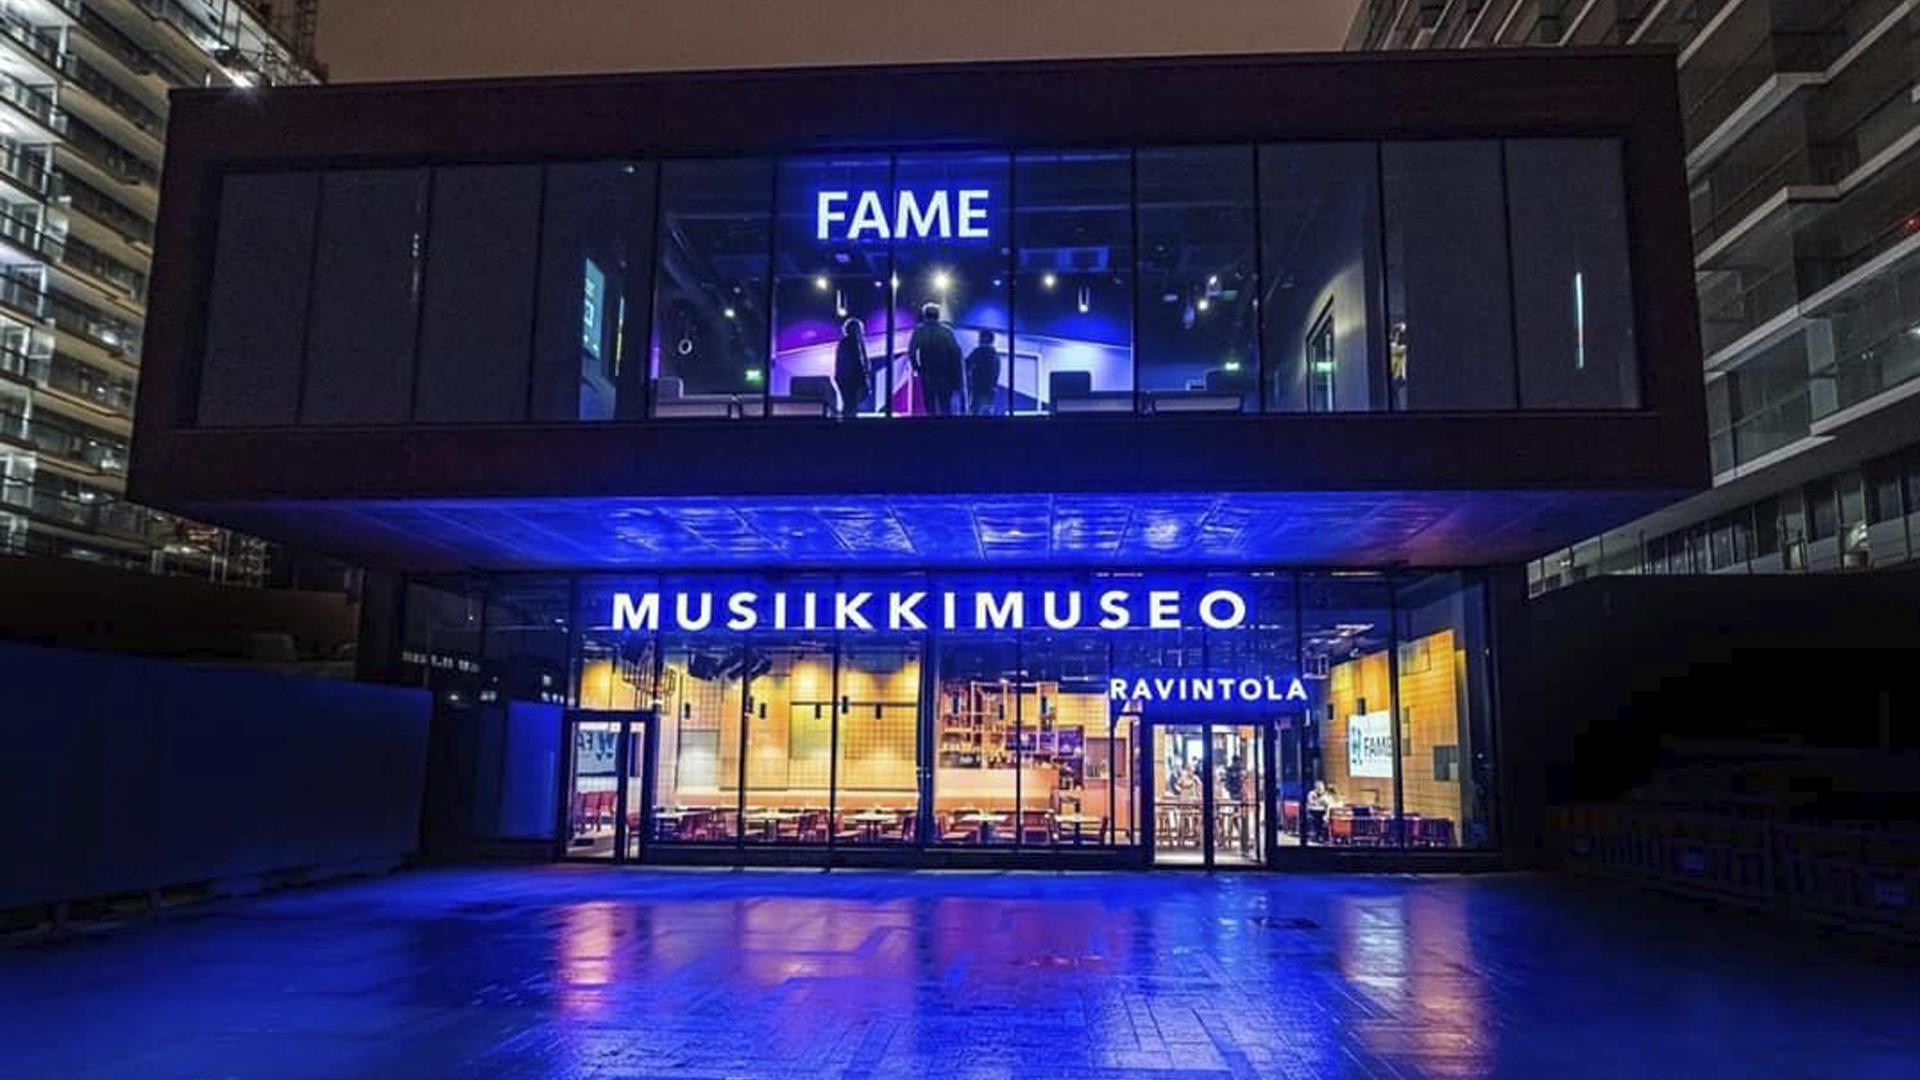 Link to event Fame - Genelec Live Internet Concert